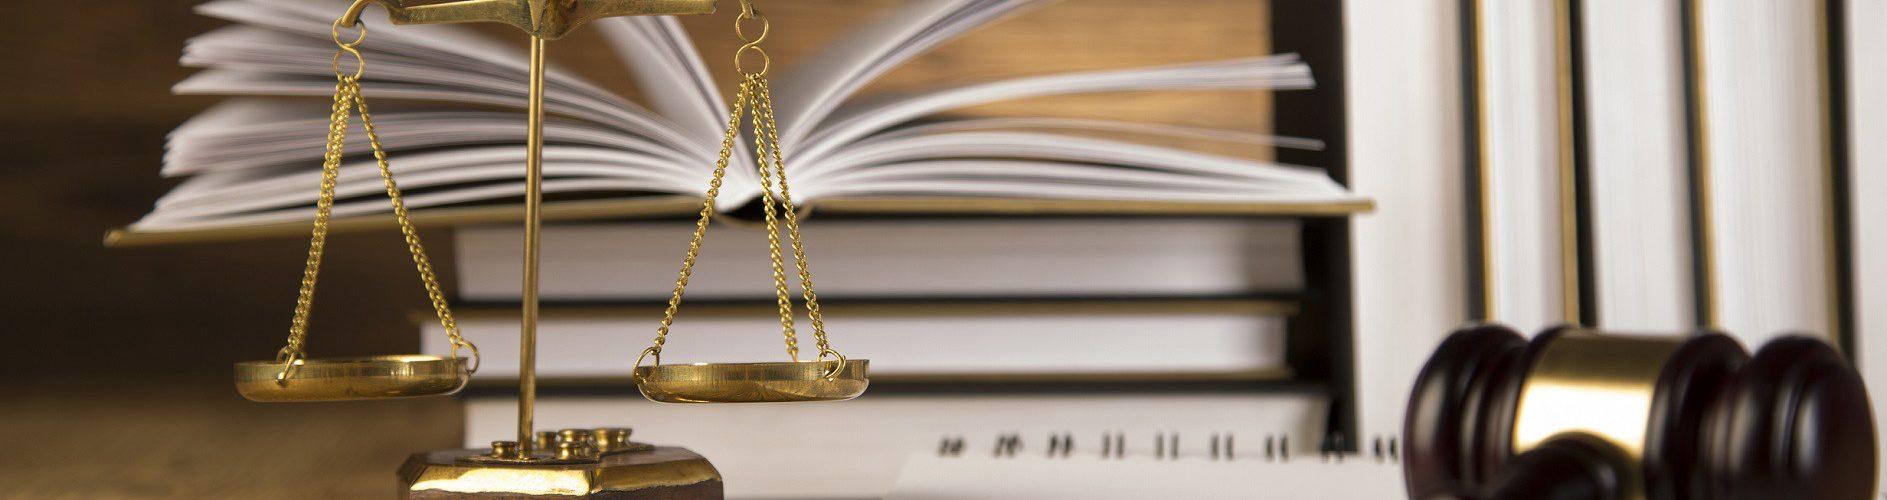 Услуги юриста по гражданским делам в Москве